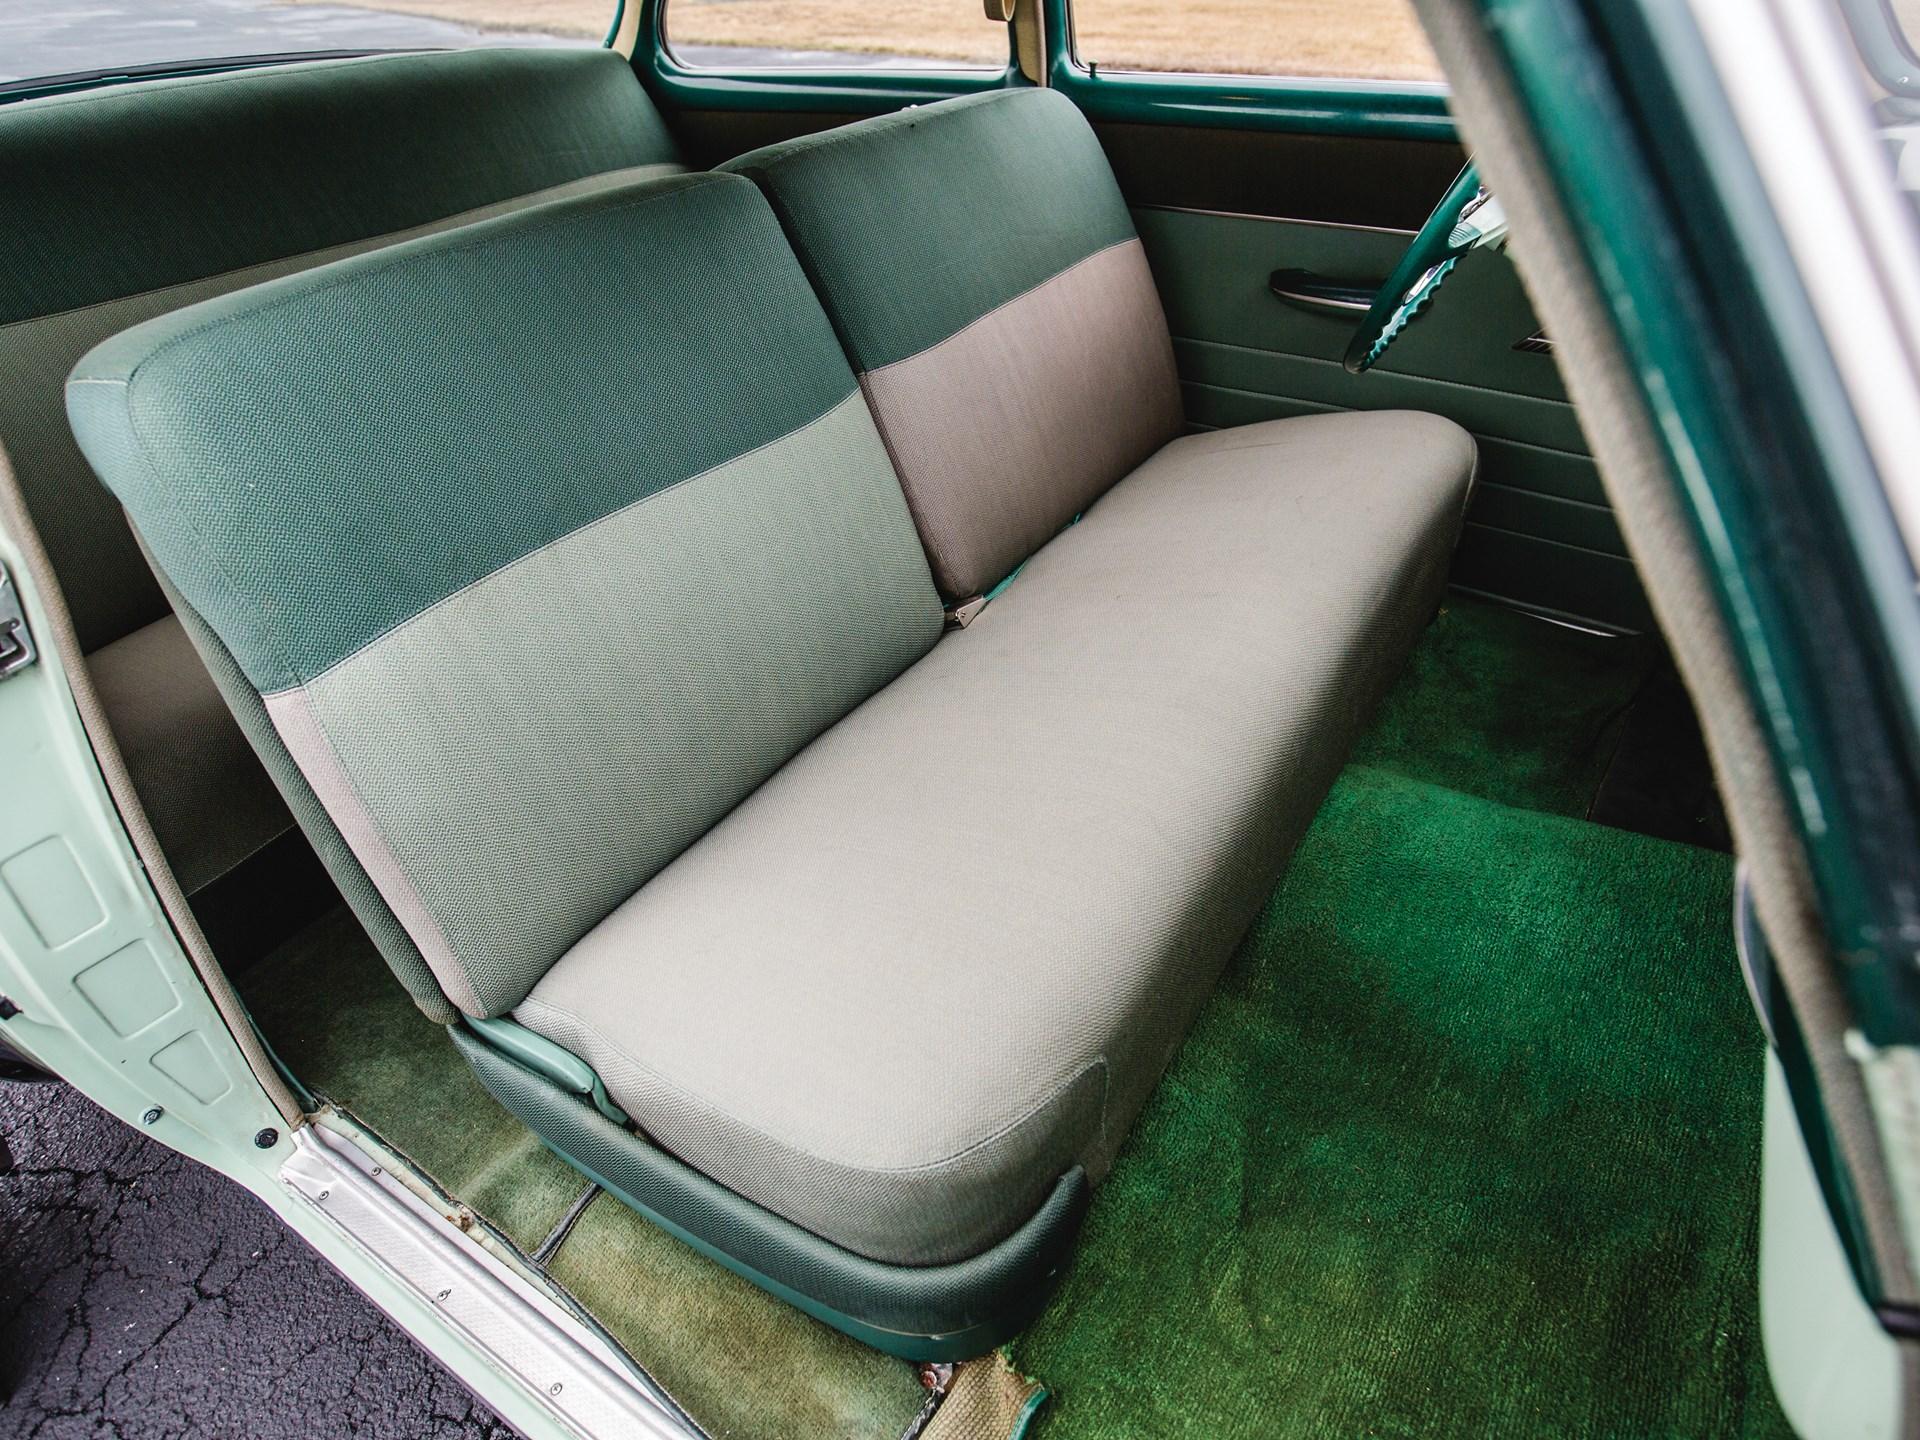 1953 Chevrolet 210 Deluxe Two-Door Sedan